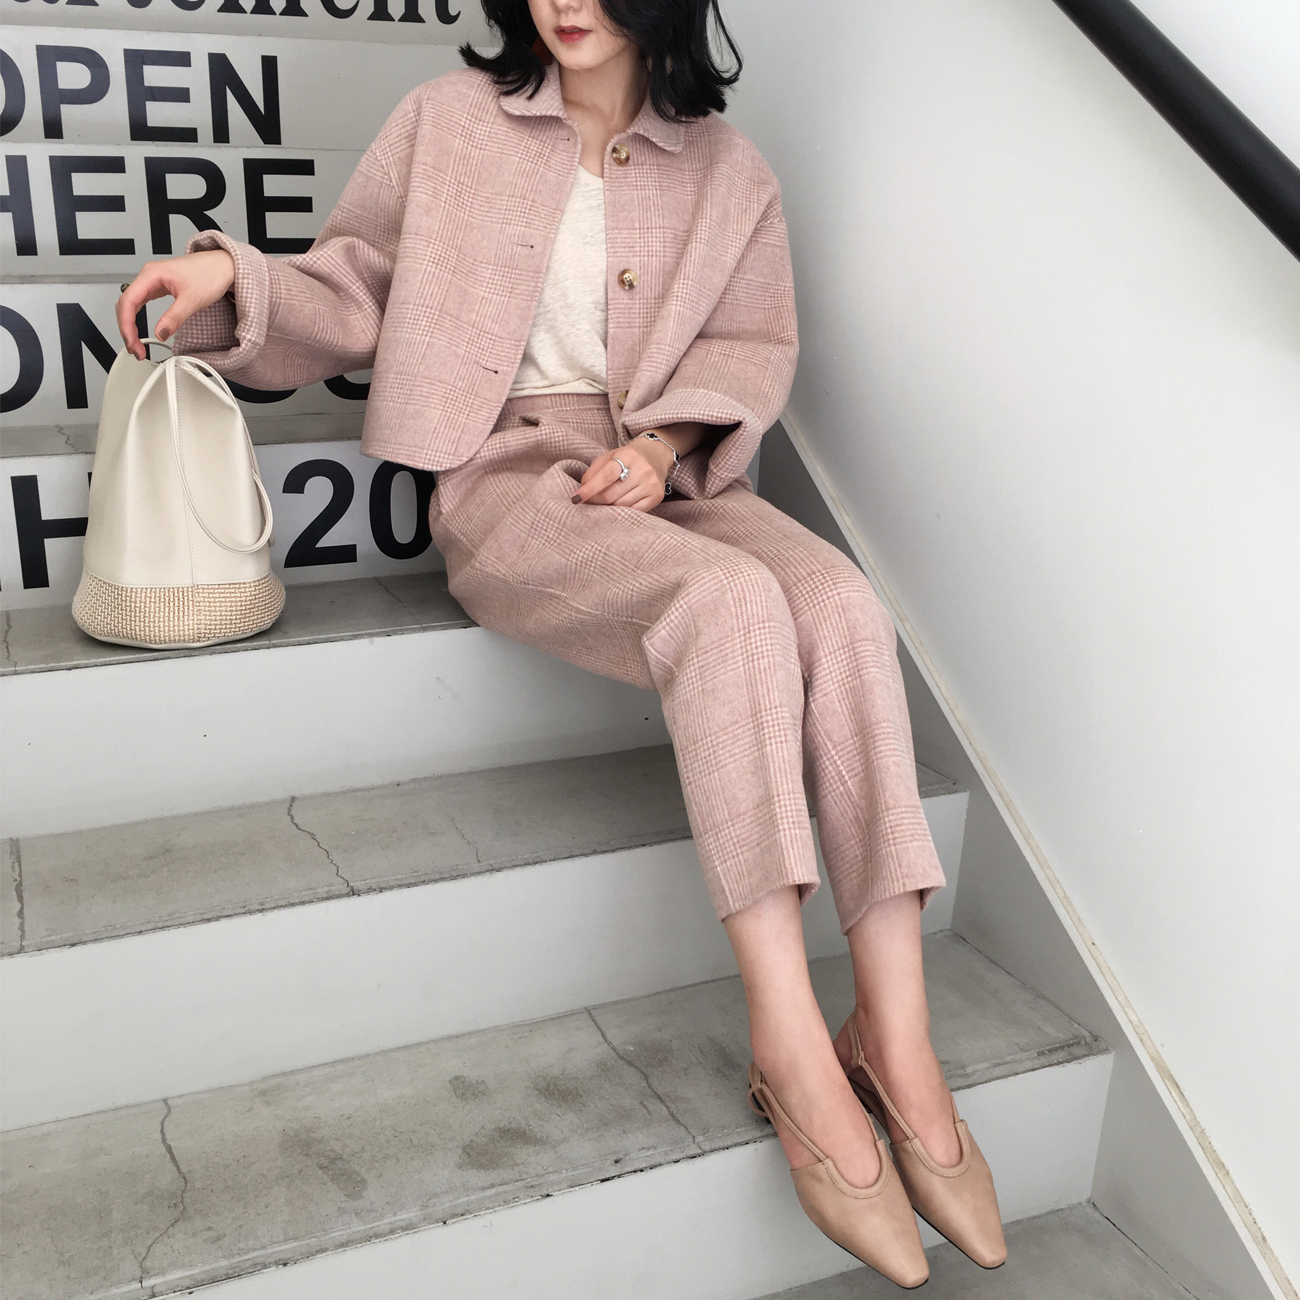 ◆ASM◆2018秋季新款气质格纹毛呢外套纯色套装短款羊毛大衣女装